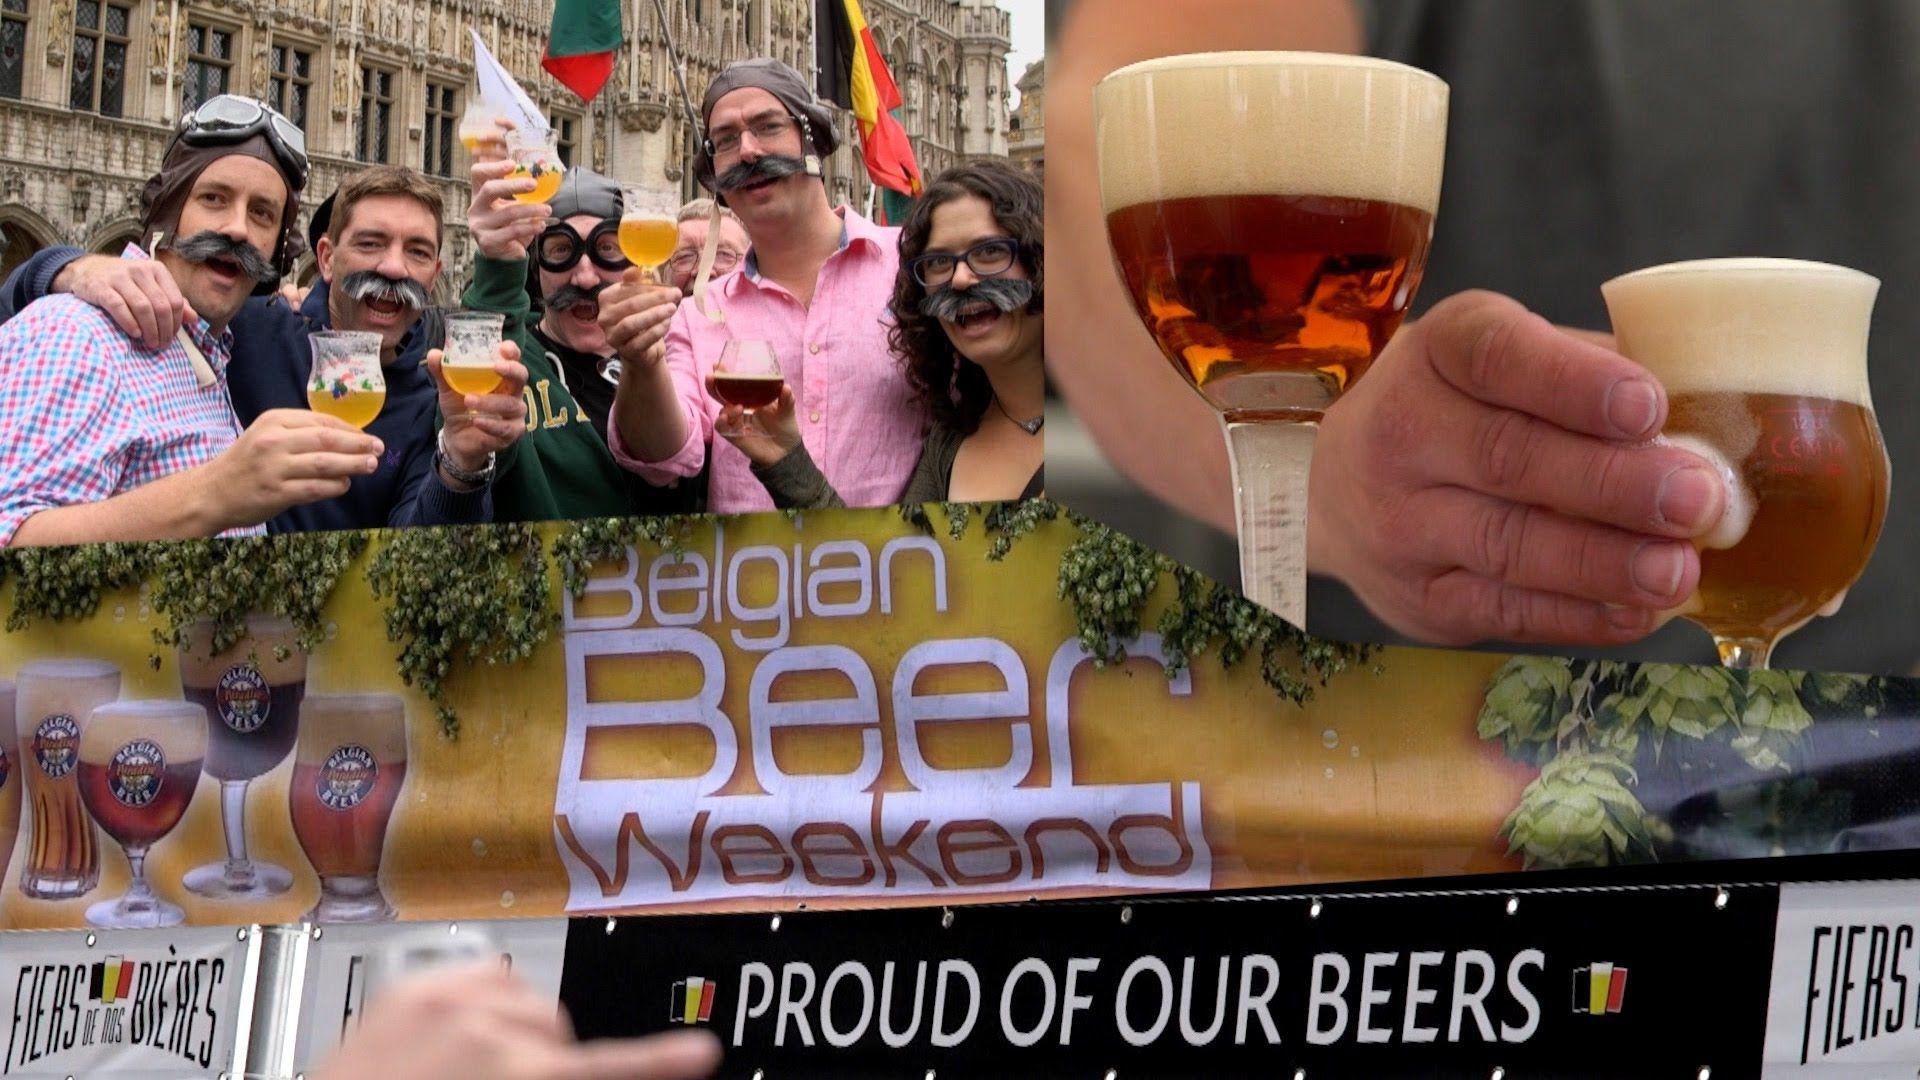 Beer Weekend draws over 60,000 in Brussels